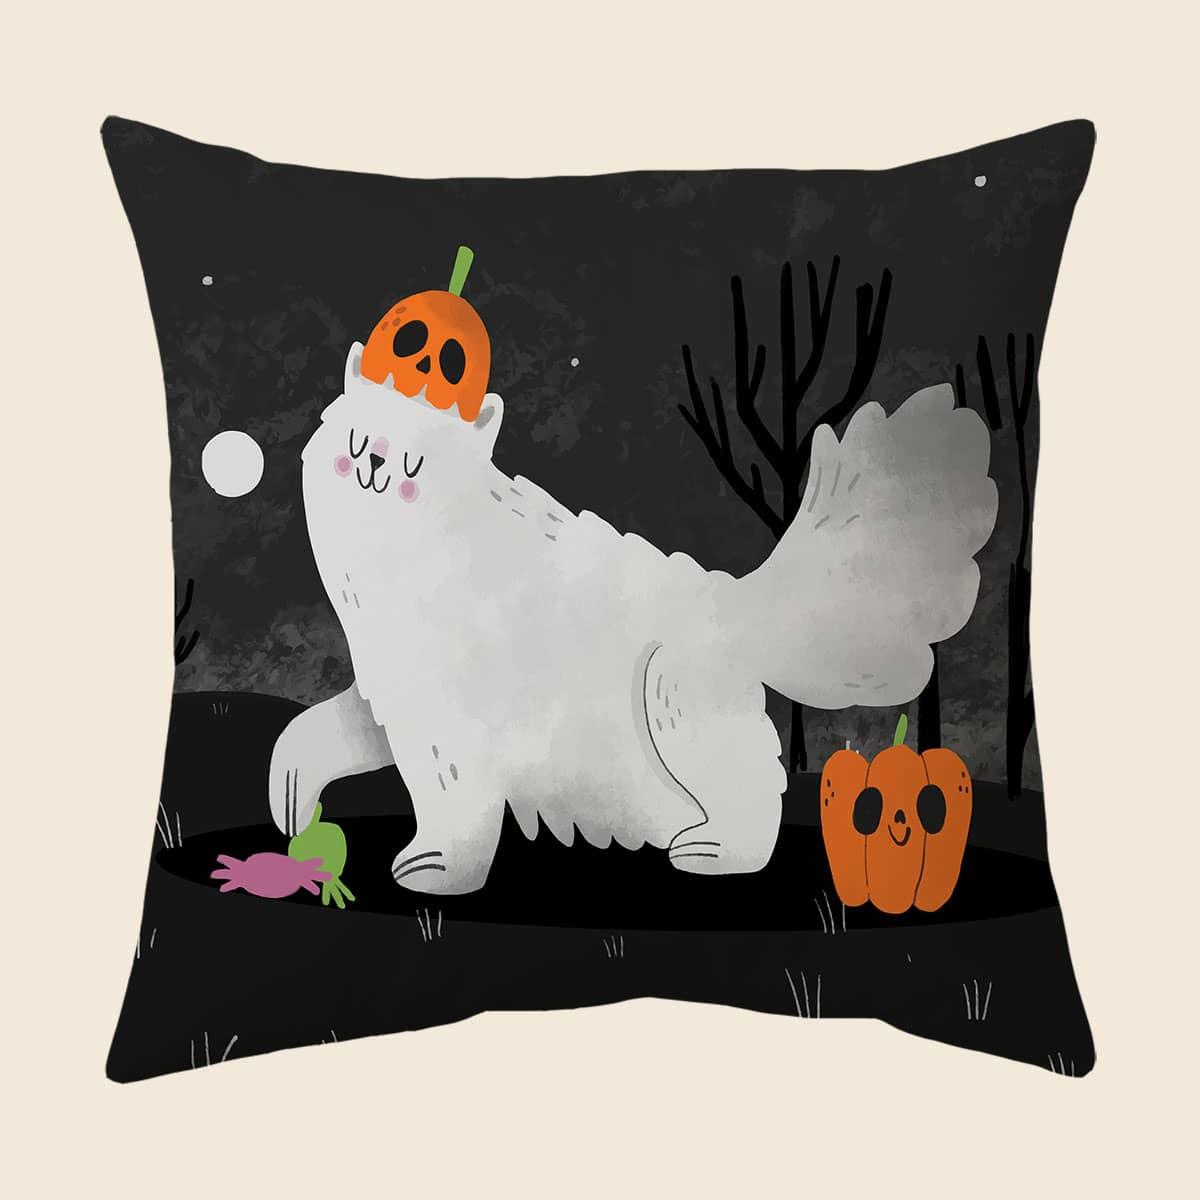 Чехол для подушки без наполнителя на хэллоуин с принтом кошки